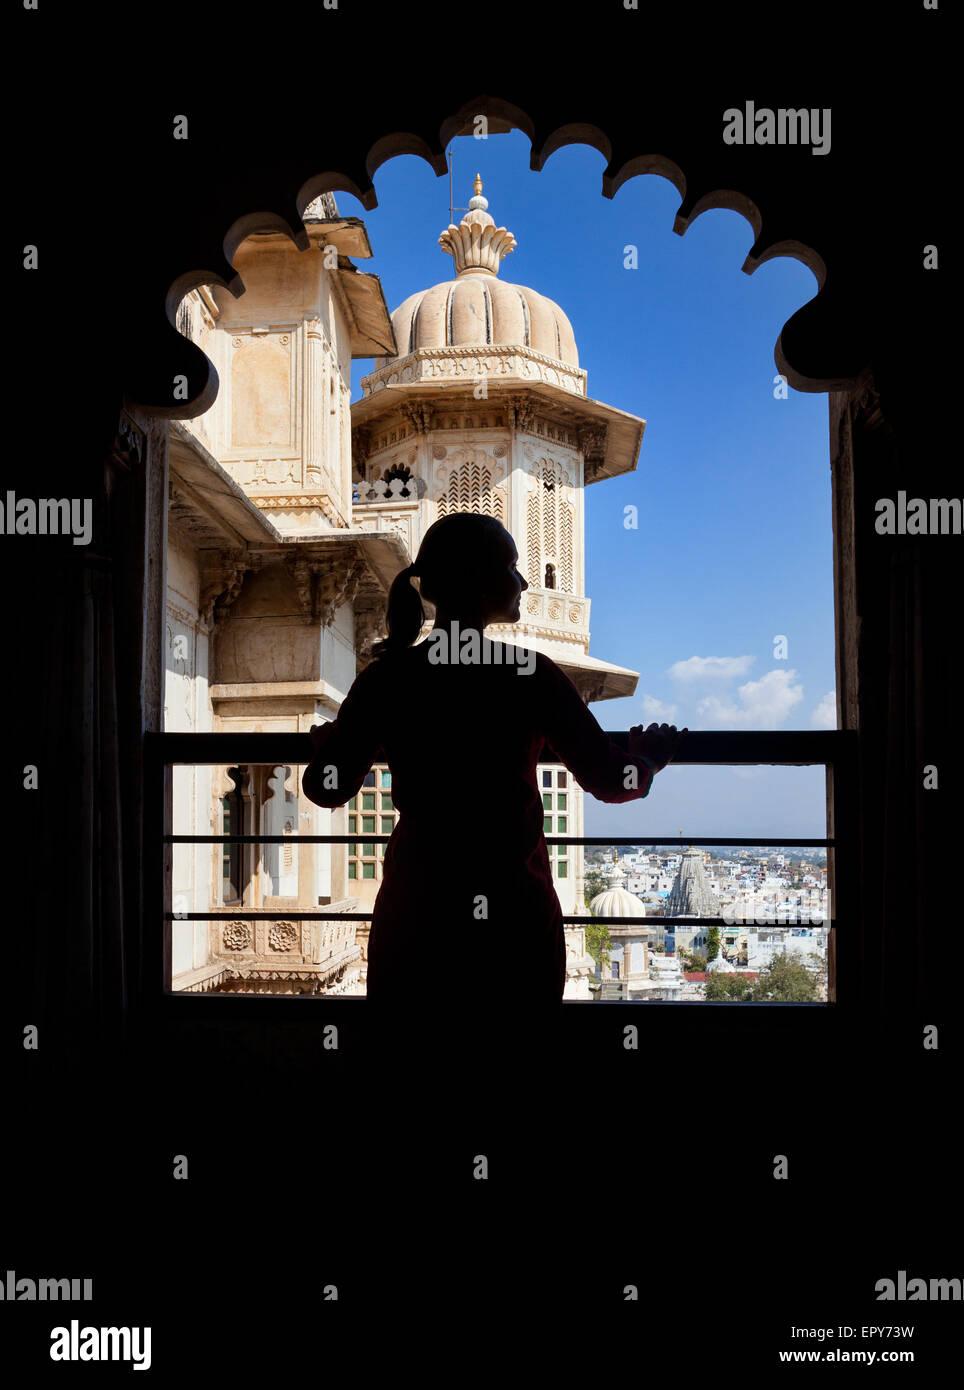 Mujer silueta en el balcón en el museo del Palacio de la ciudad de Udaipur, Rajasthan, India Imagen De Stock